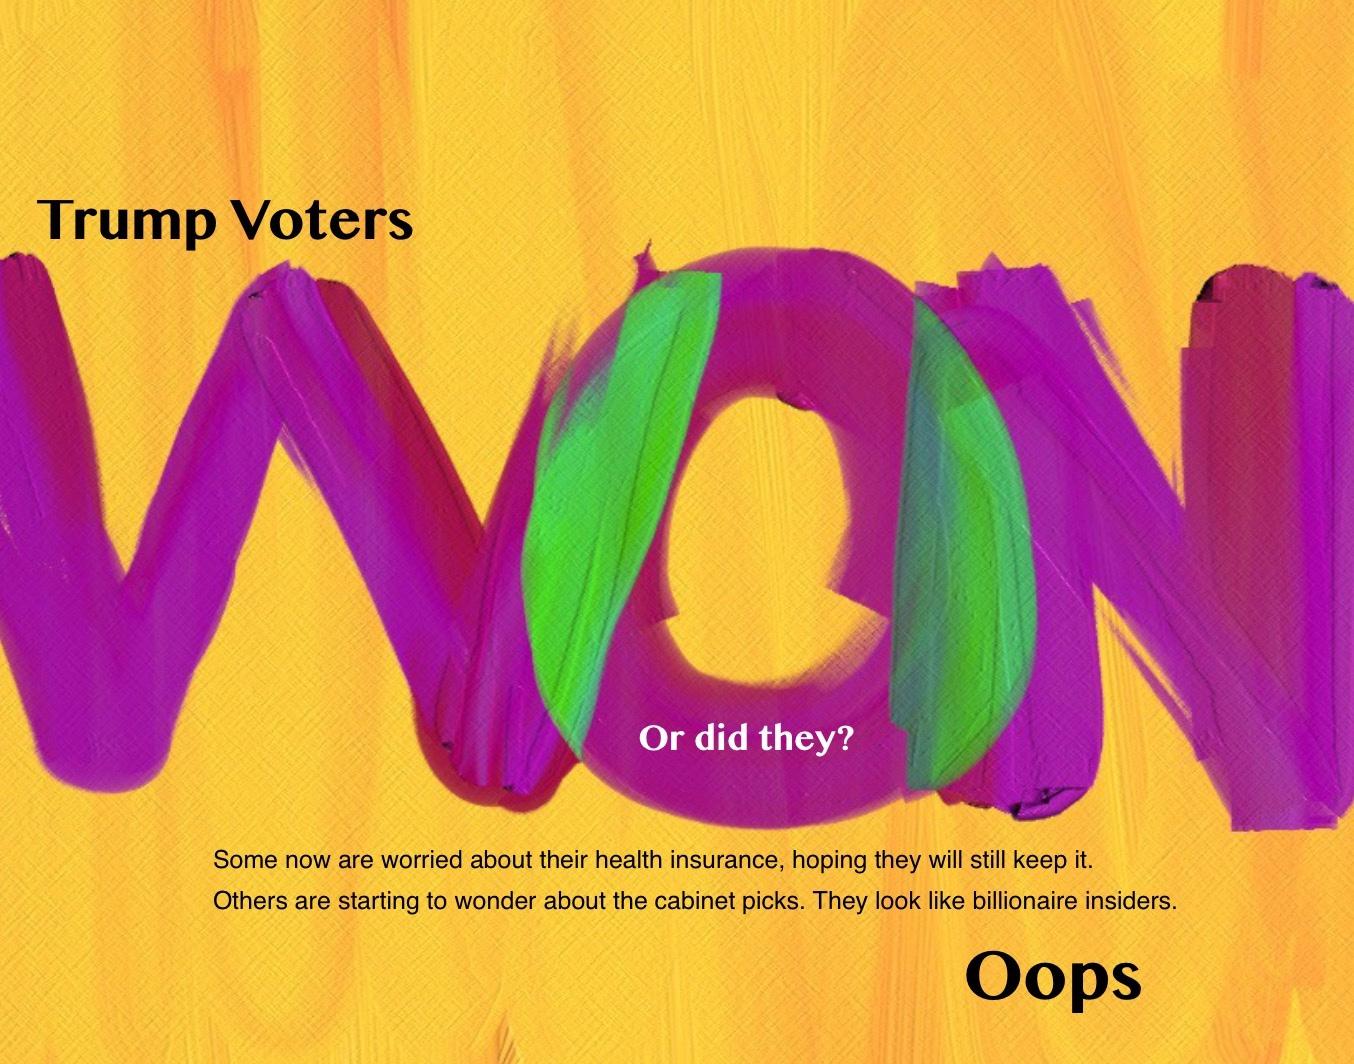 Trump Voters Won